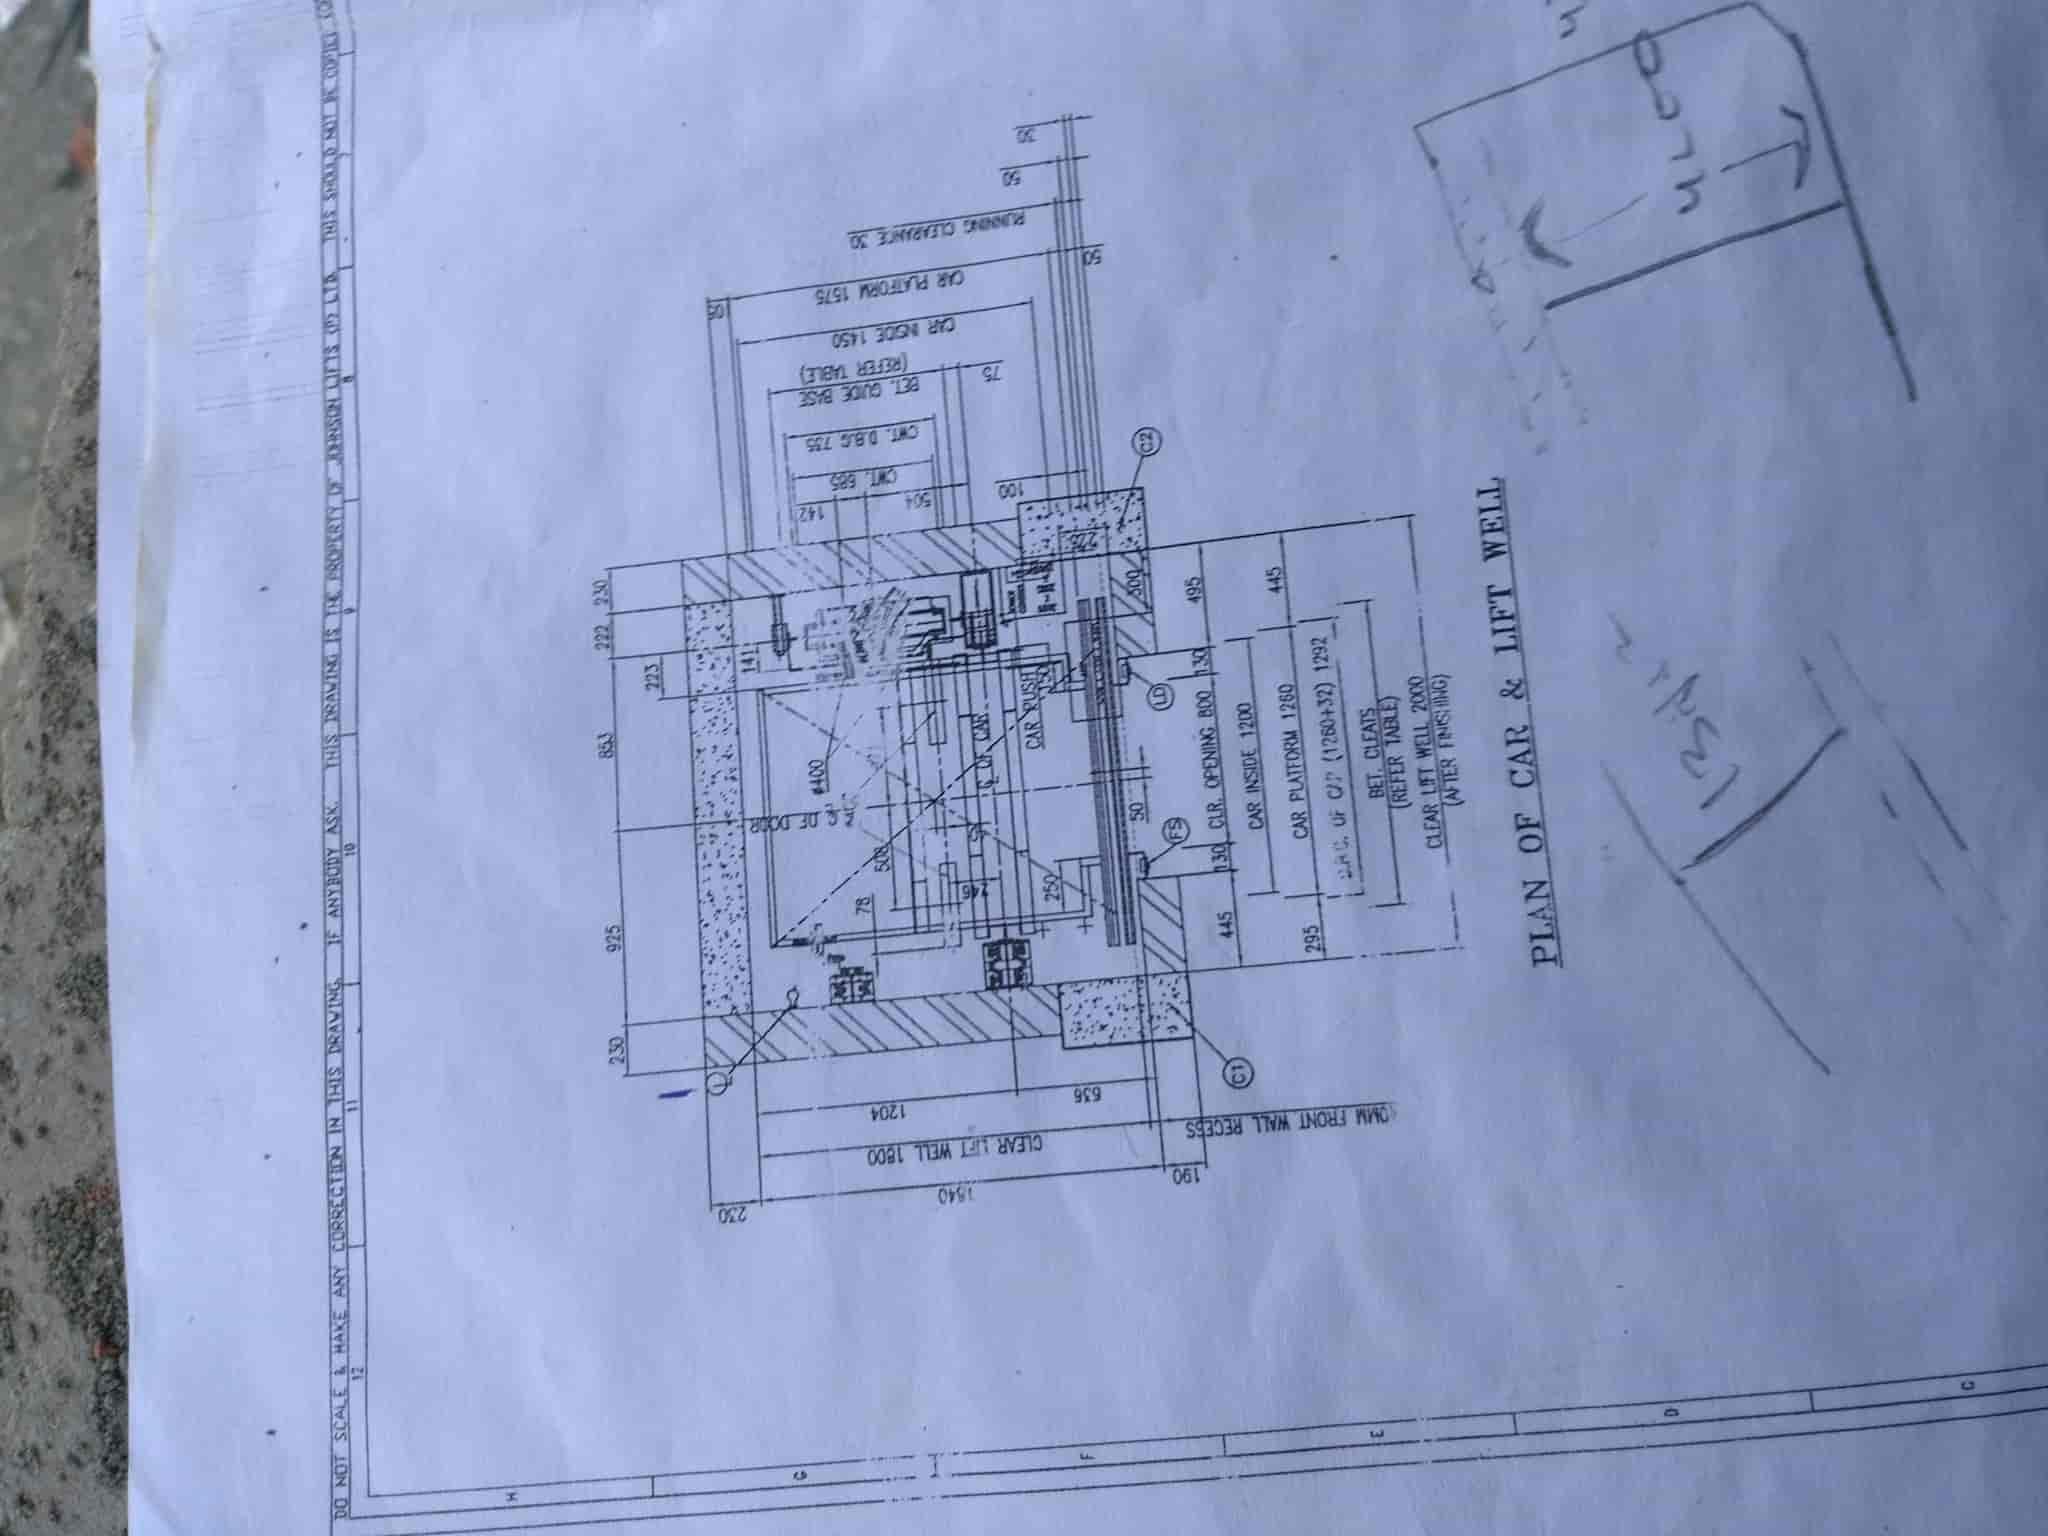 Unisquare Elevators Photos, Najafgarh, Rewari- Pictures & Images ...